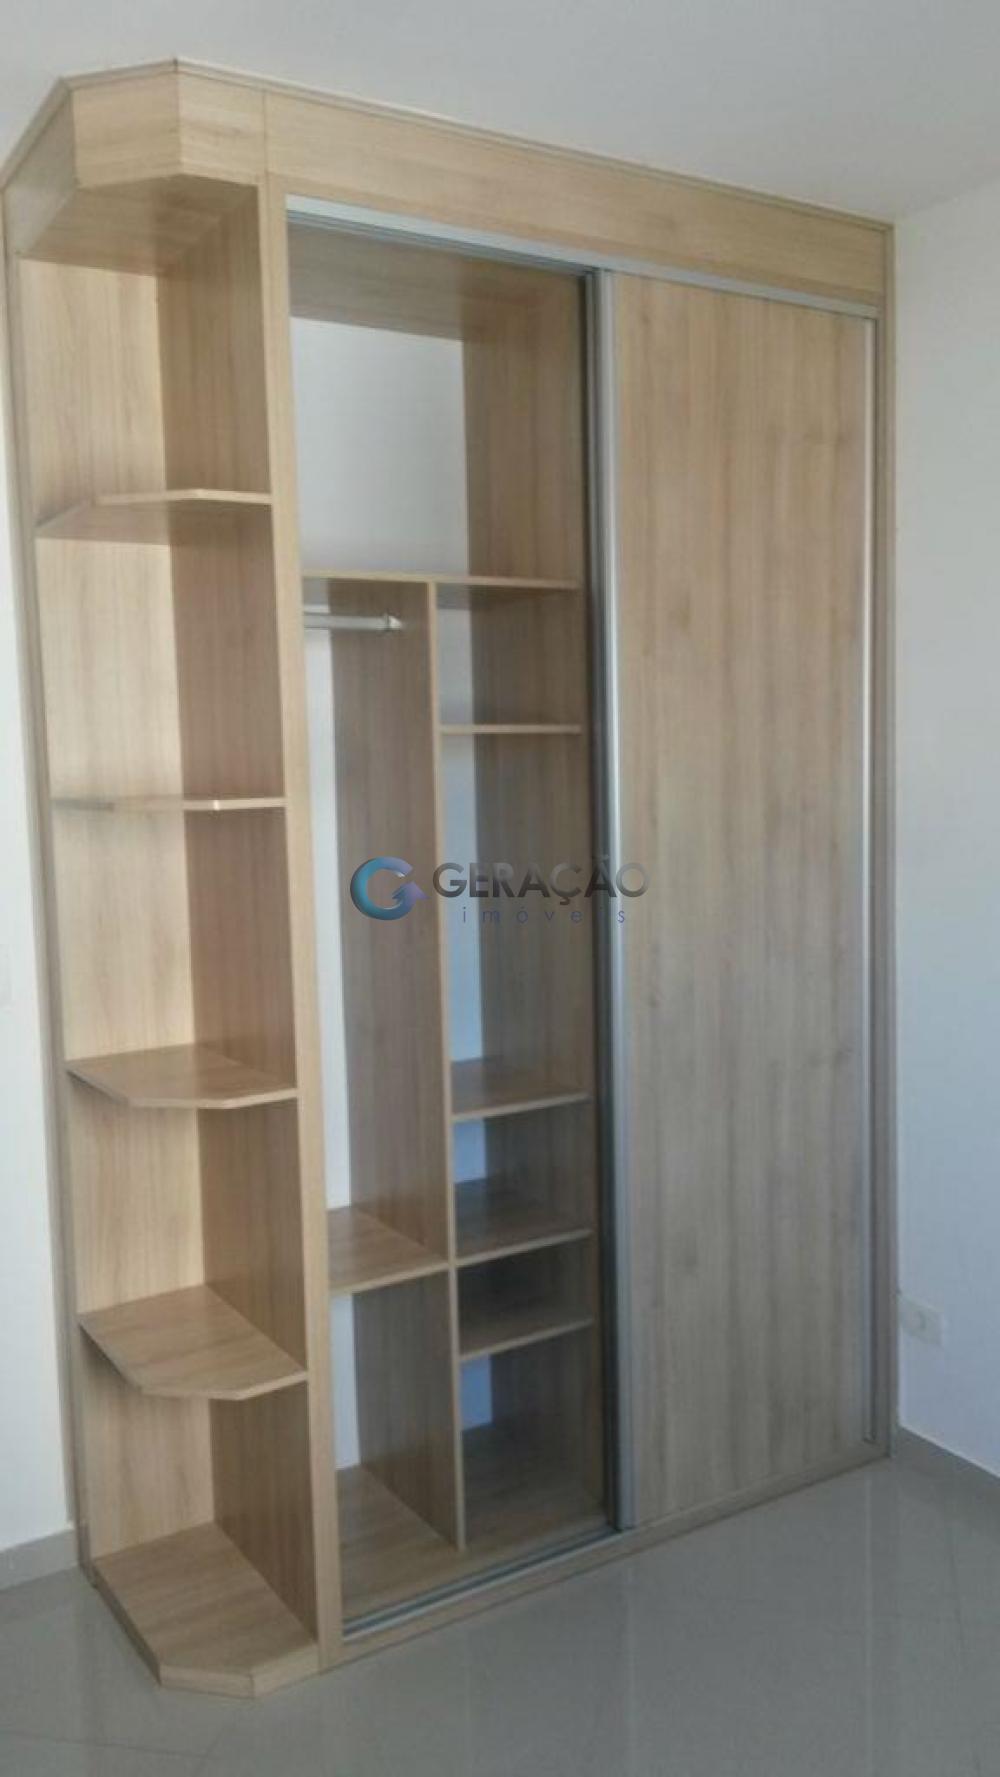 Alugar Apartamento / Padrão em São José dos Campos apenas R$ 3.200,00 - Foto 6